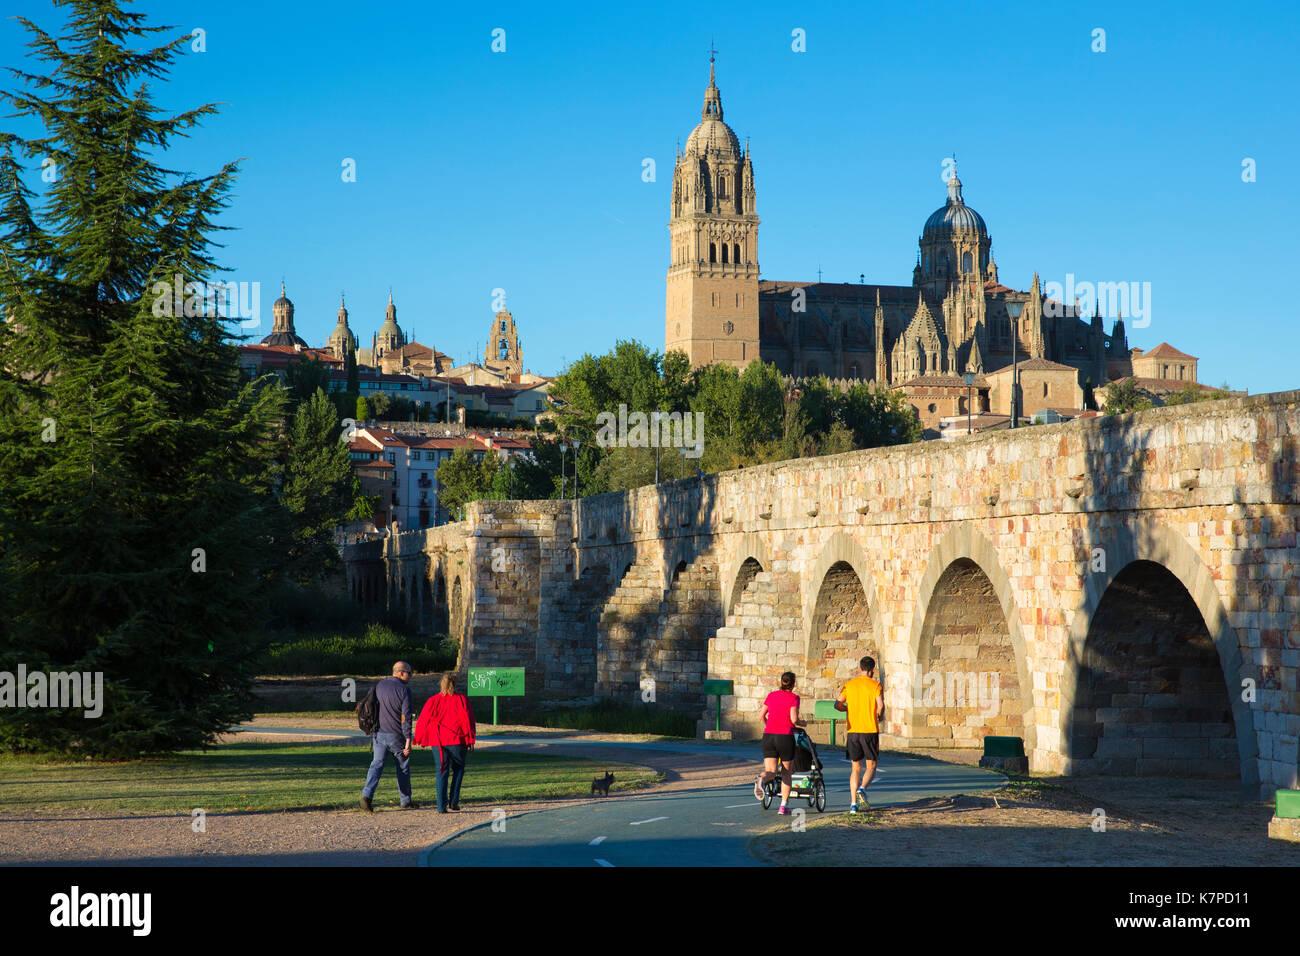 Salamanca - Dom- und Universitätsstadt und Puente Romano Brücke, Spanien Stockbild